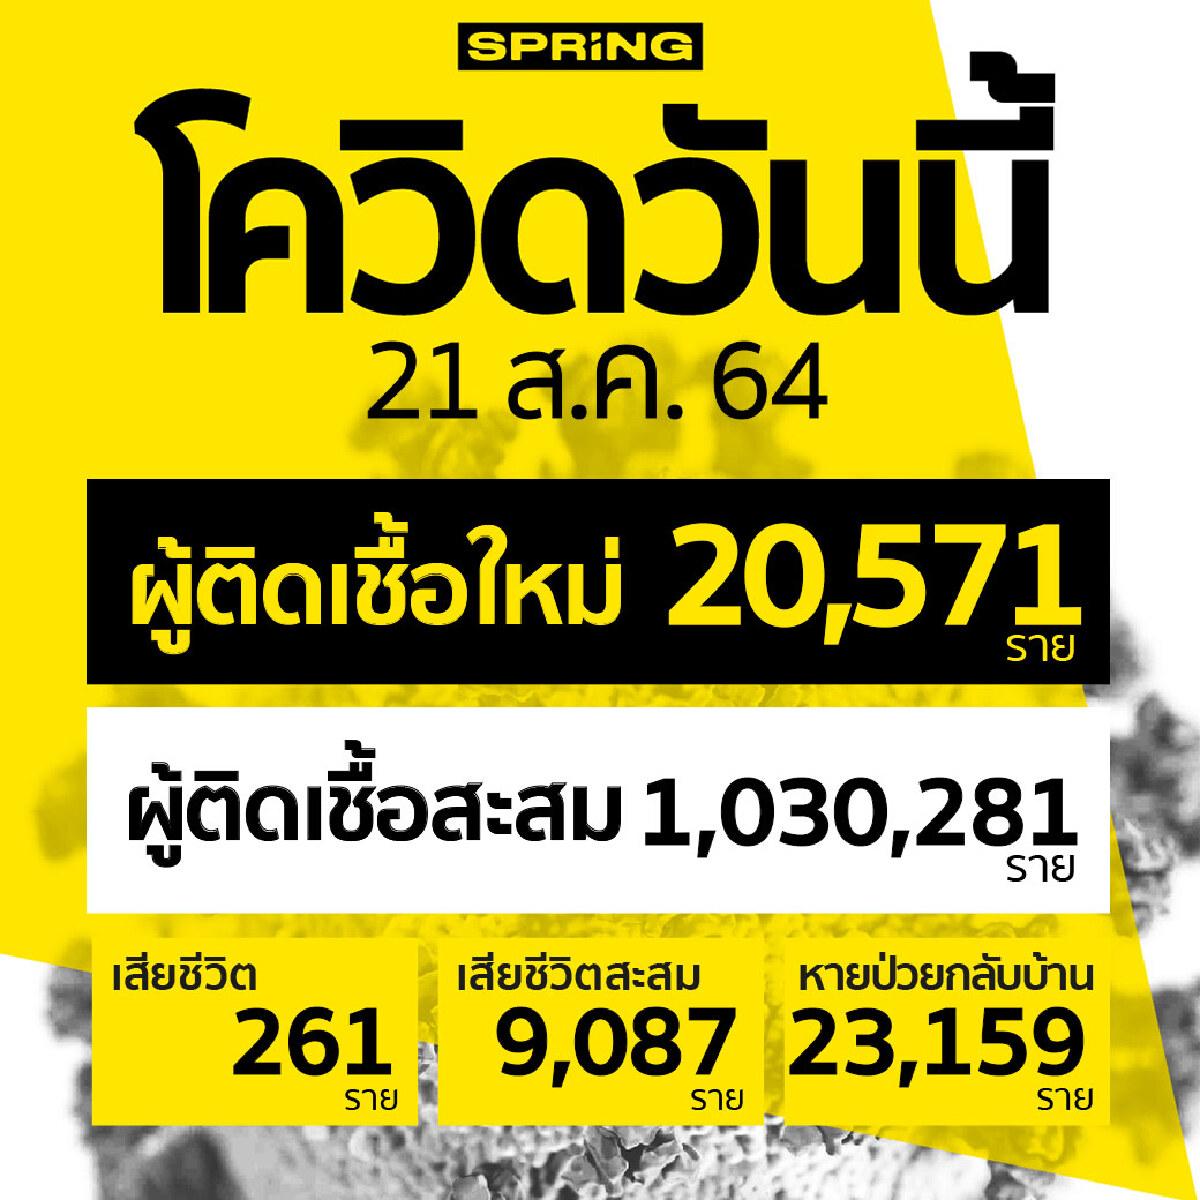 โควิดวันนี้ ติดเชื้อเพิ่ม 20,571 ราย เสียชีวิต 261 ราย สะสมทะลุ 9,087 ราย